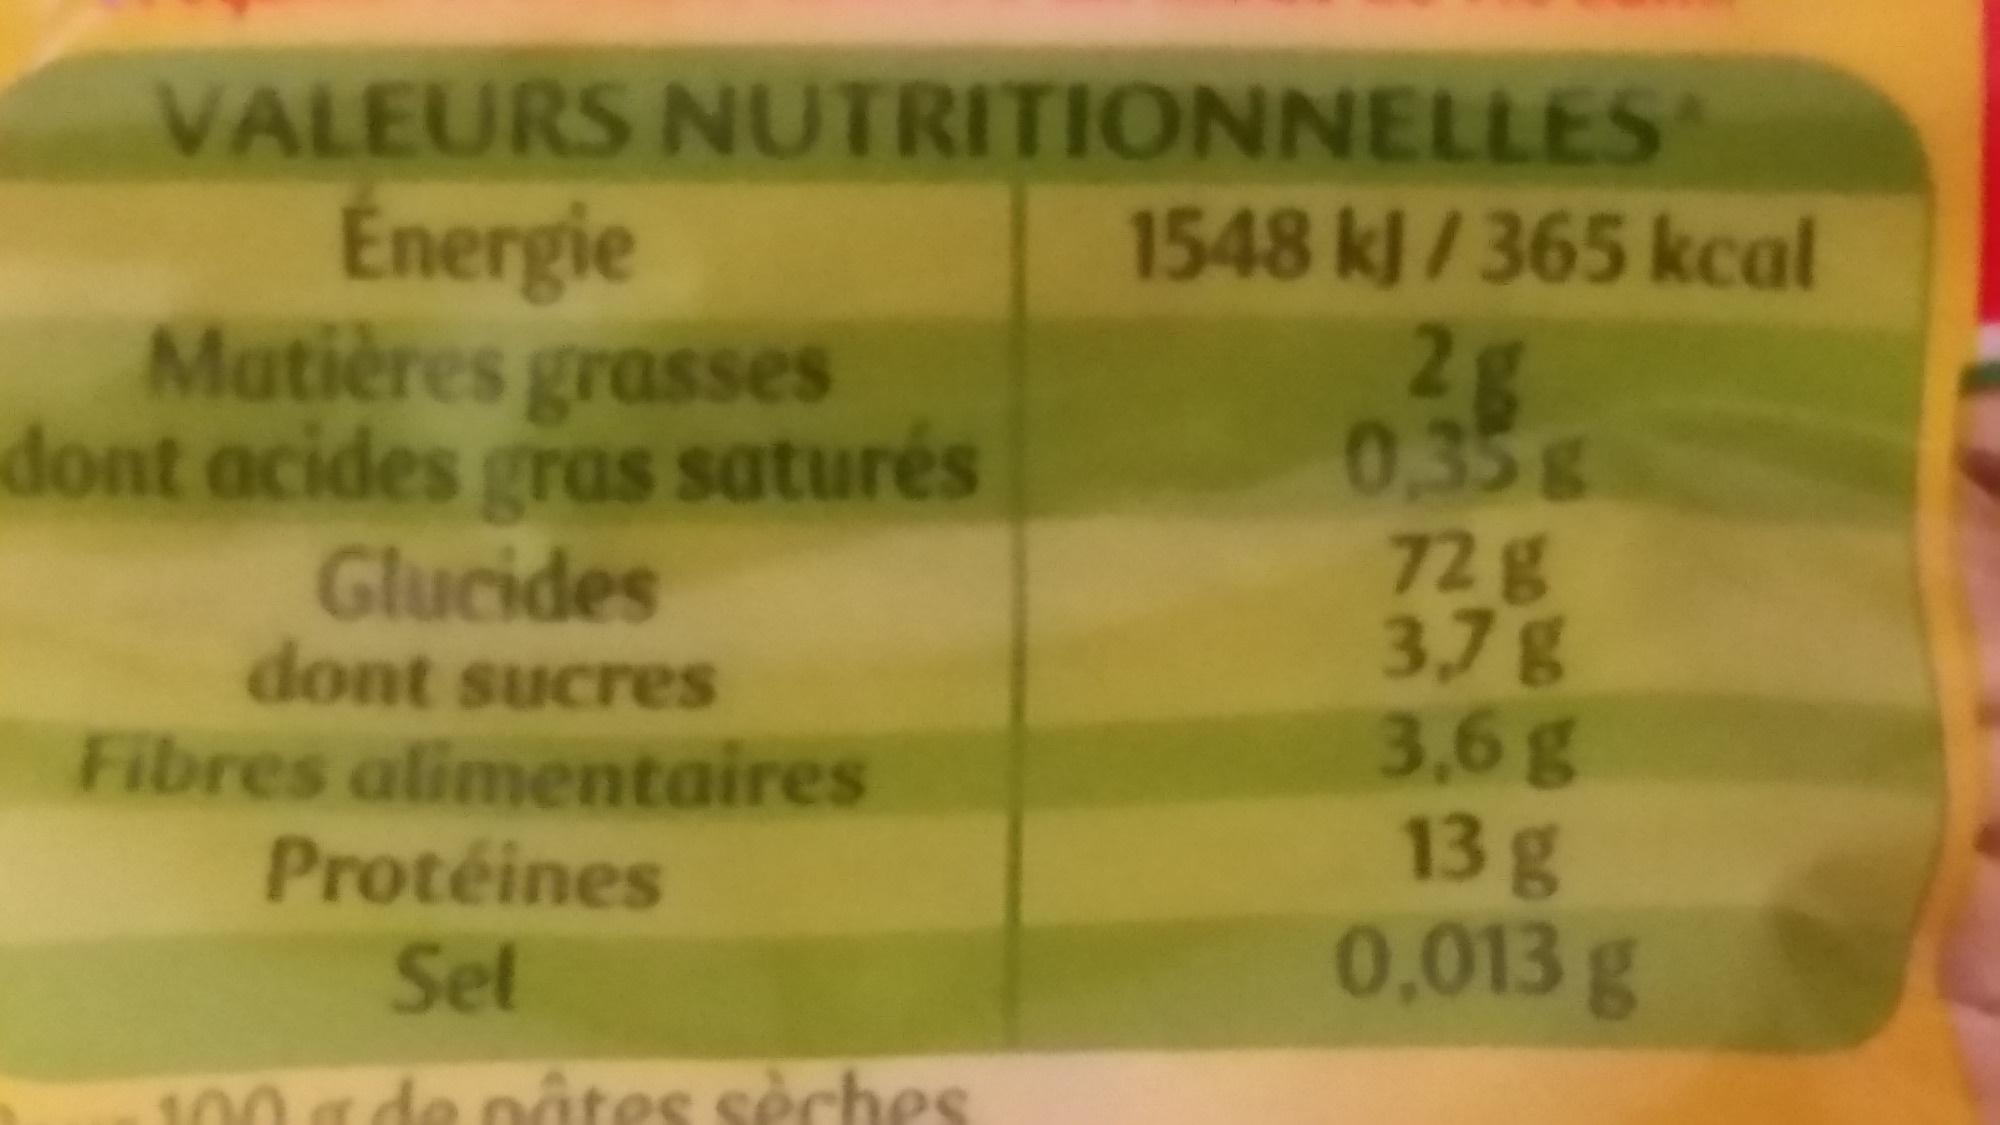 Risetti - Panzani - Nutrition facts